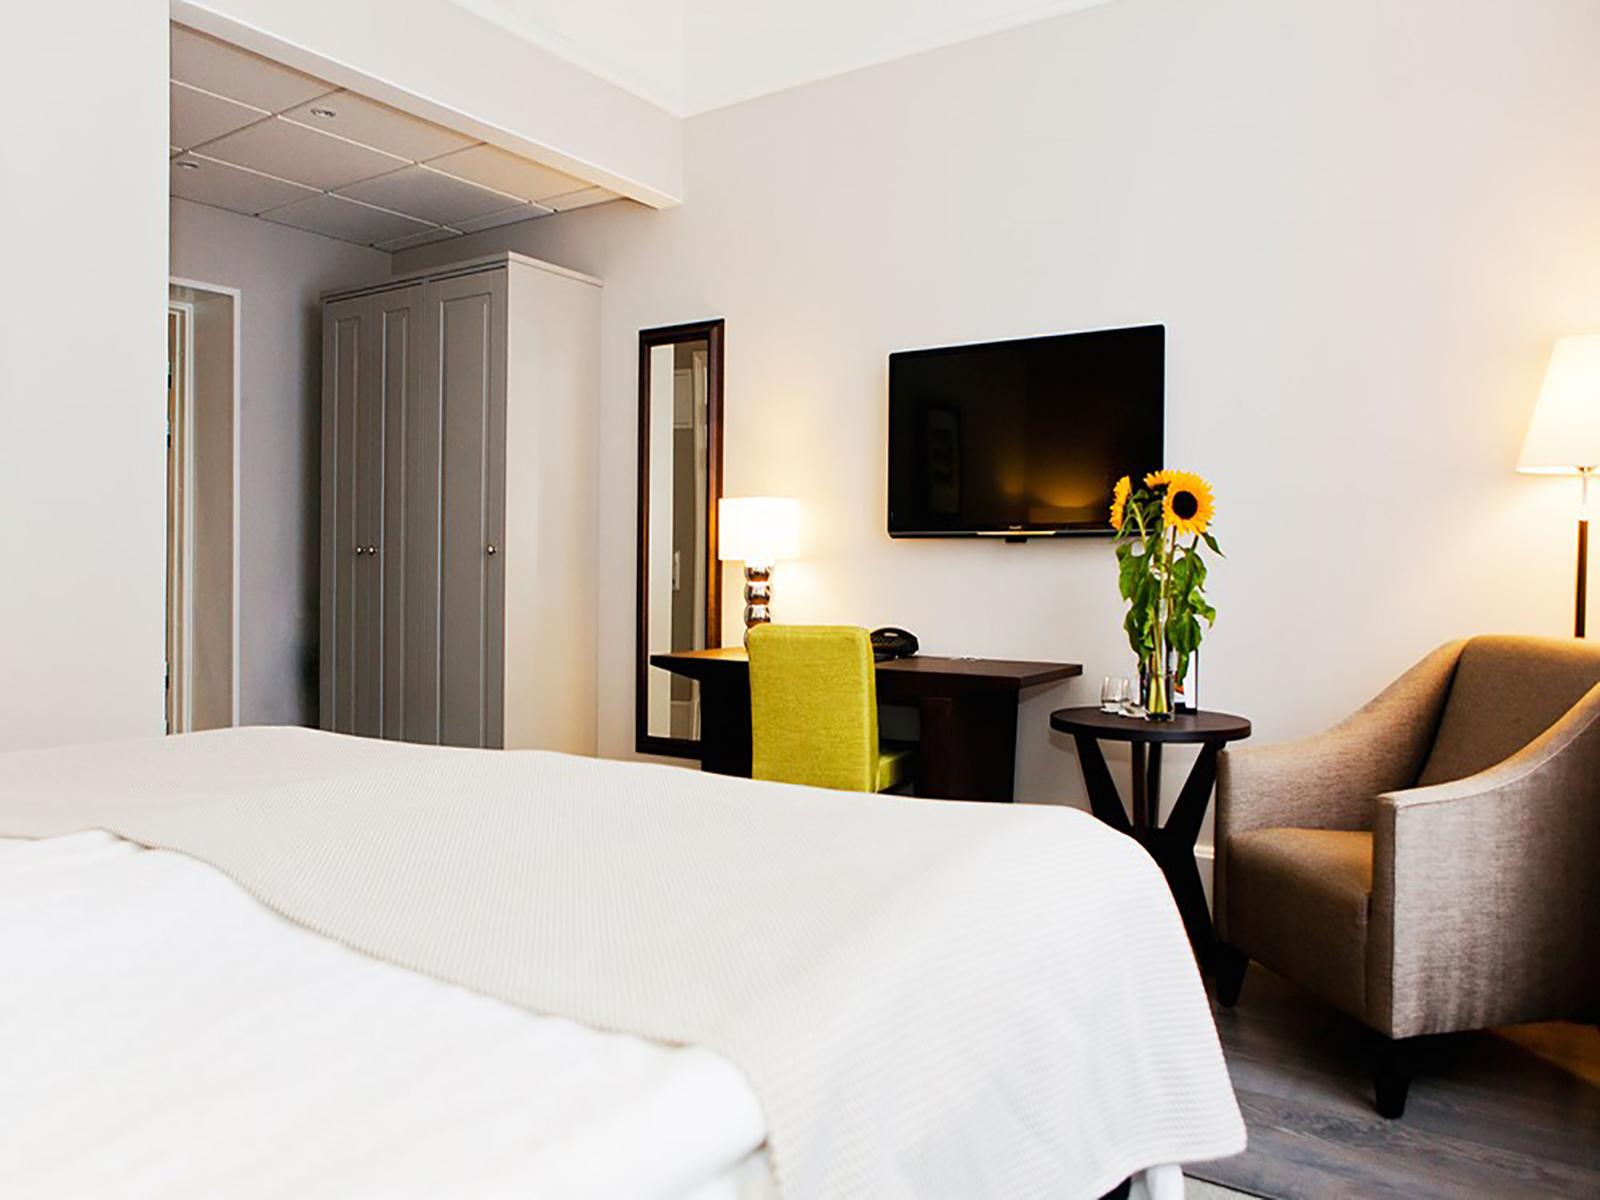 dejlige patter hotel nær københavns hovedbanegård